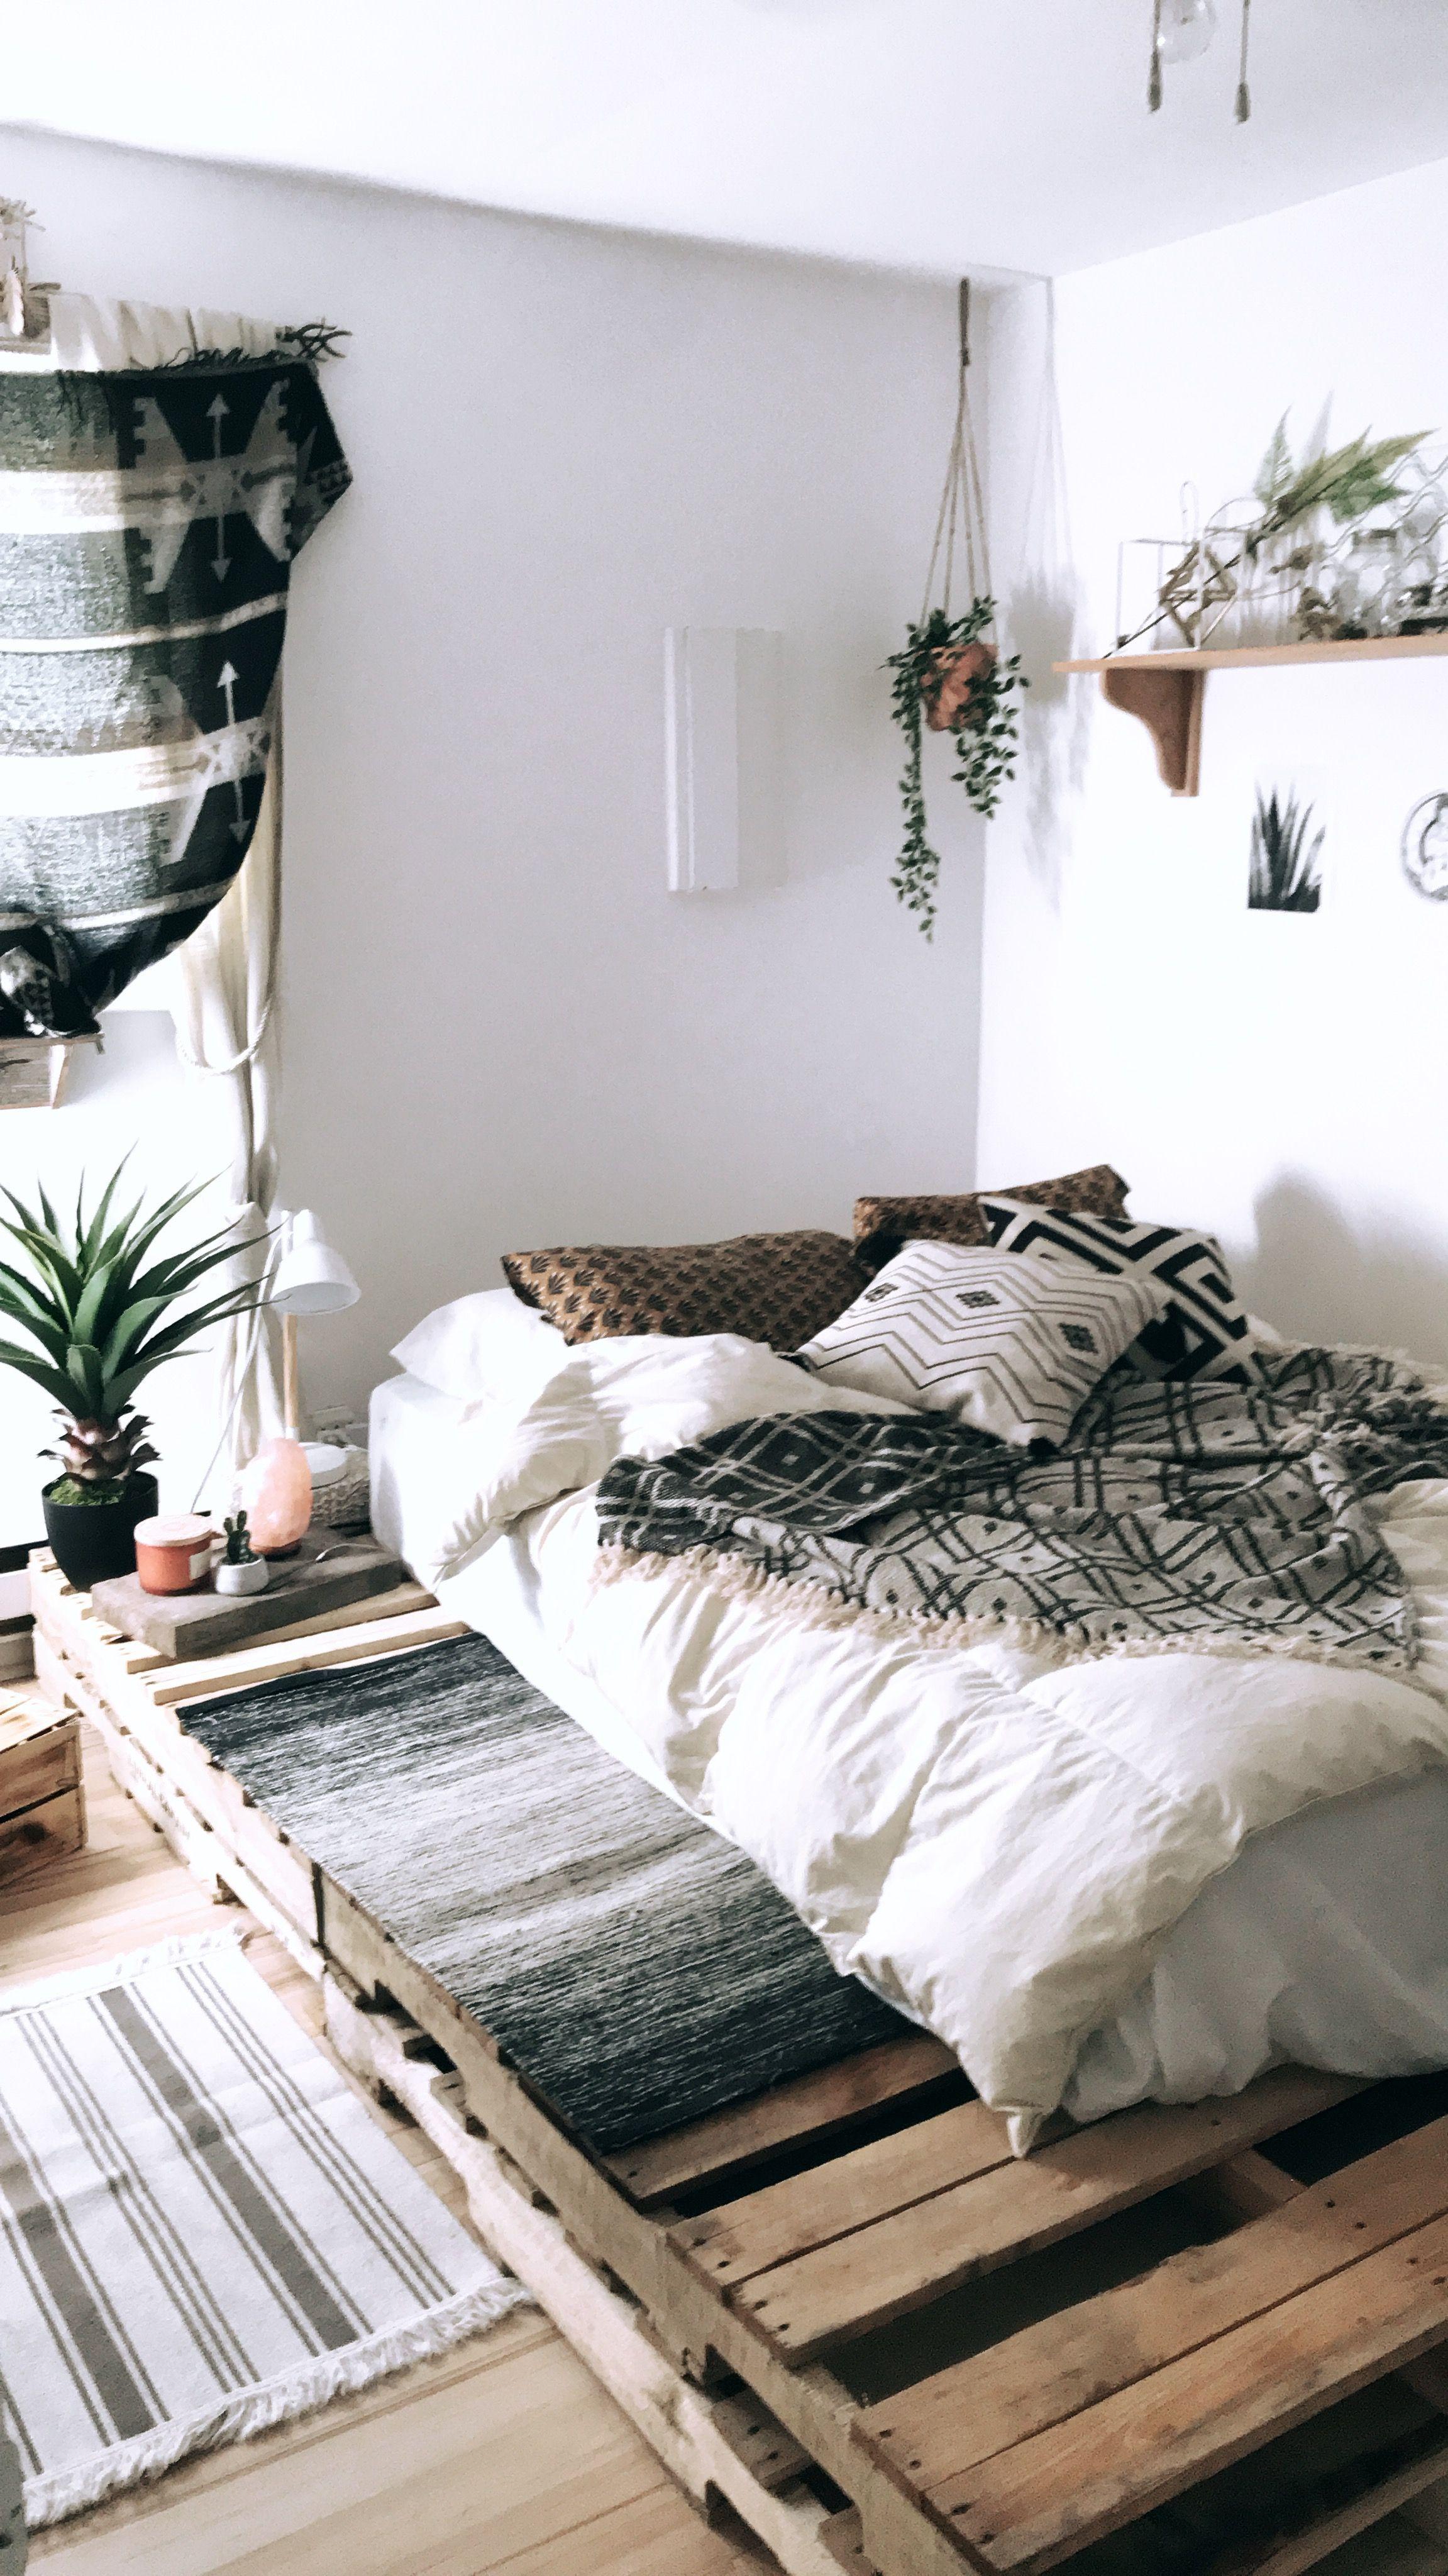 une chambre cocooning / ethnique dont le lit a été monté sur palette